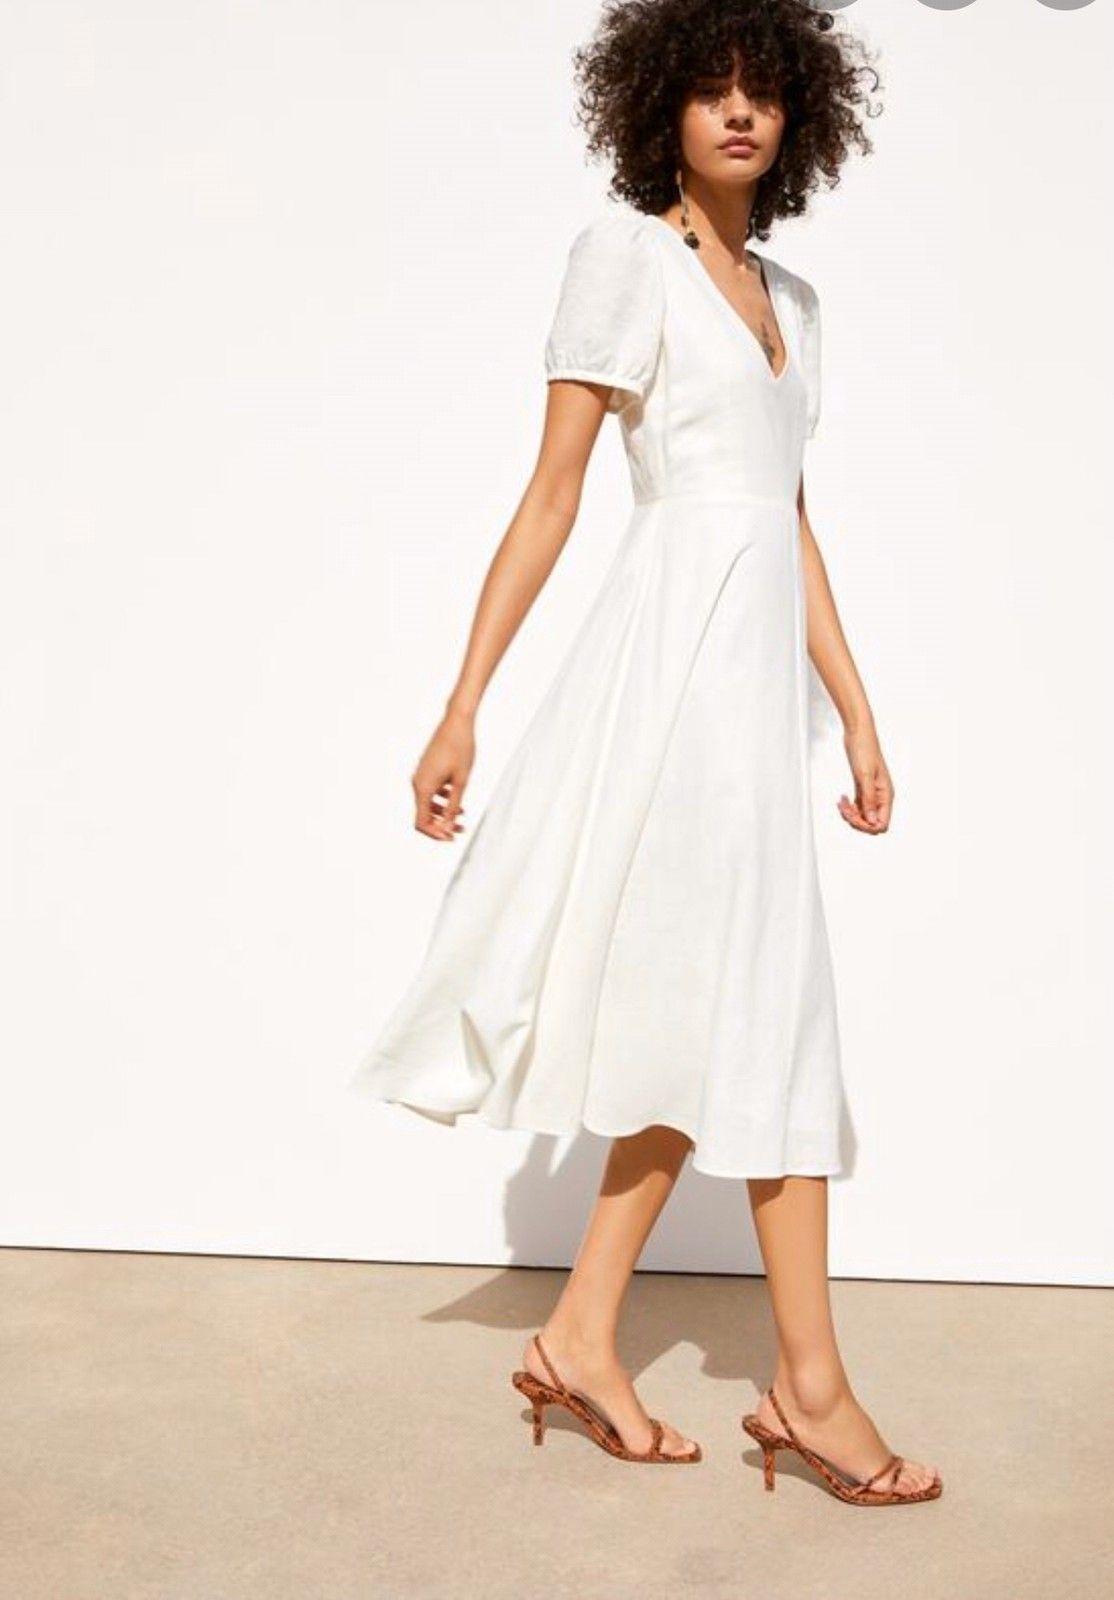 Kjempefin kjole fra Zara ny og ubrukt! | FINN.no